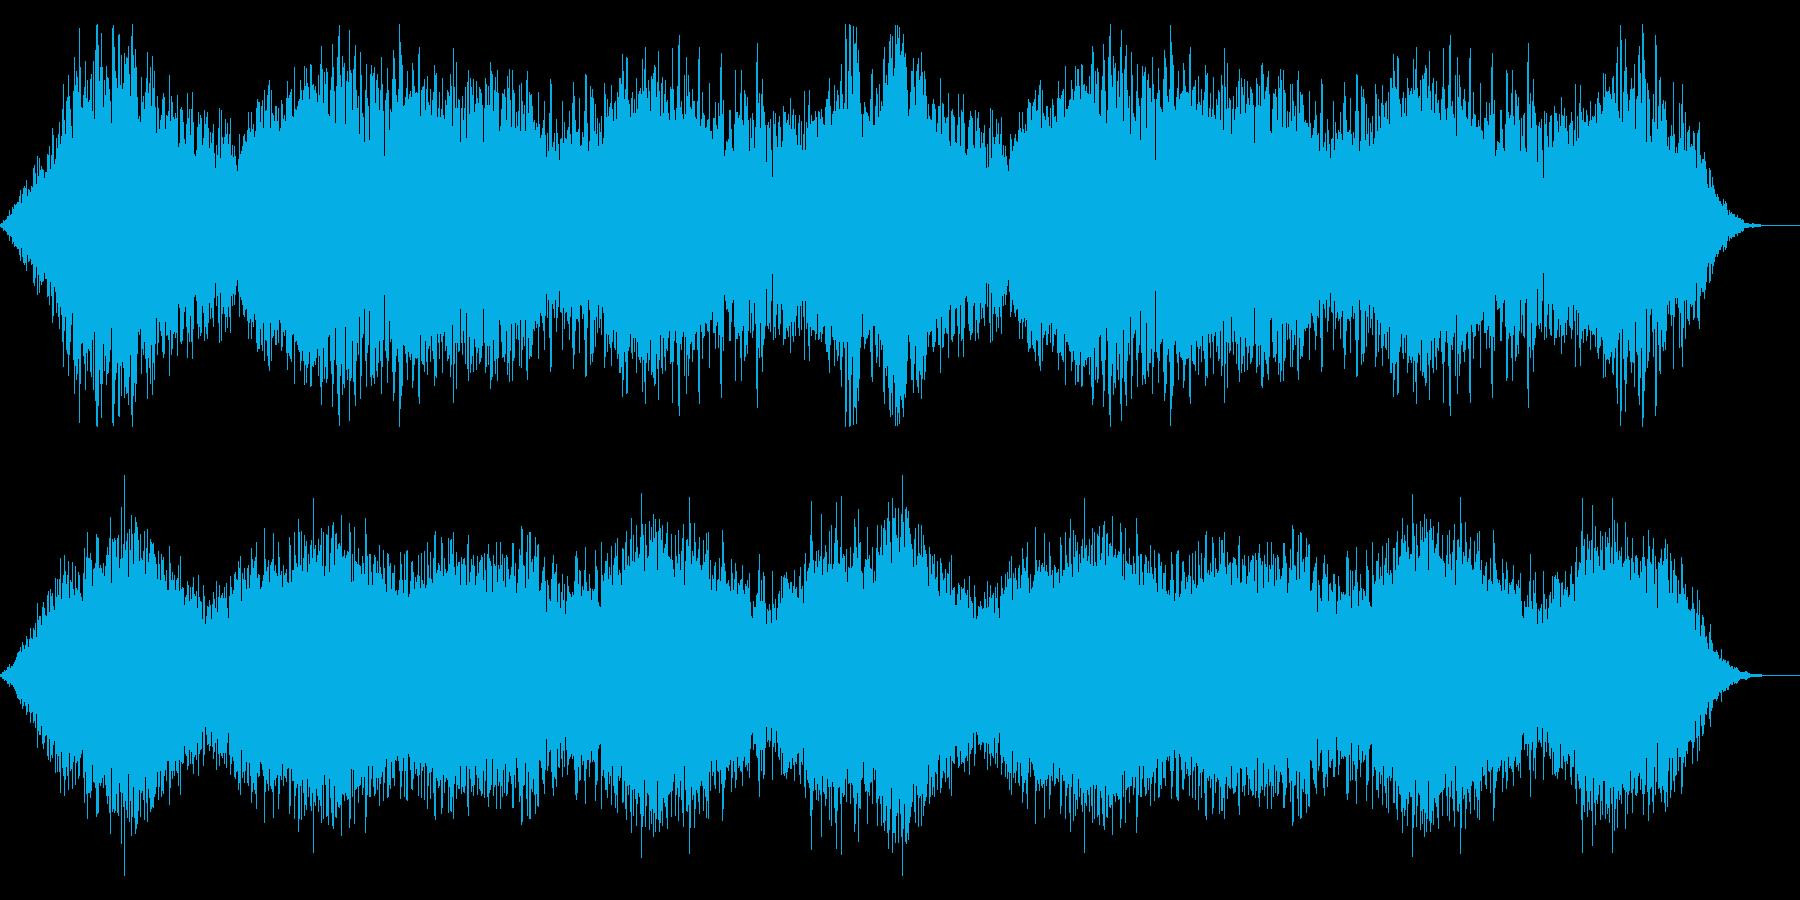 Dark_ホラーで怪しく神秘的-19_Lの再生済みの波形